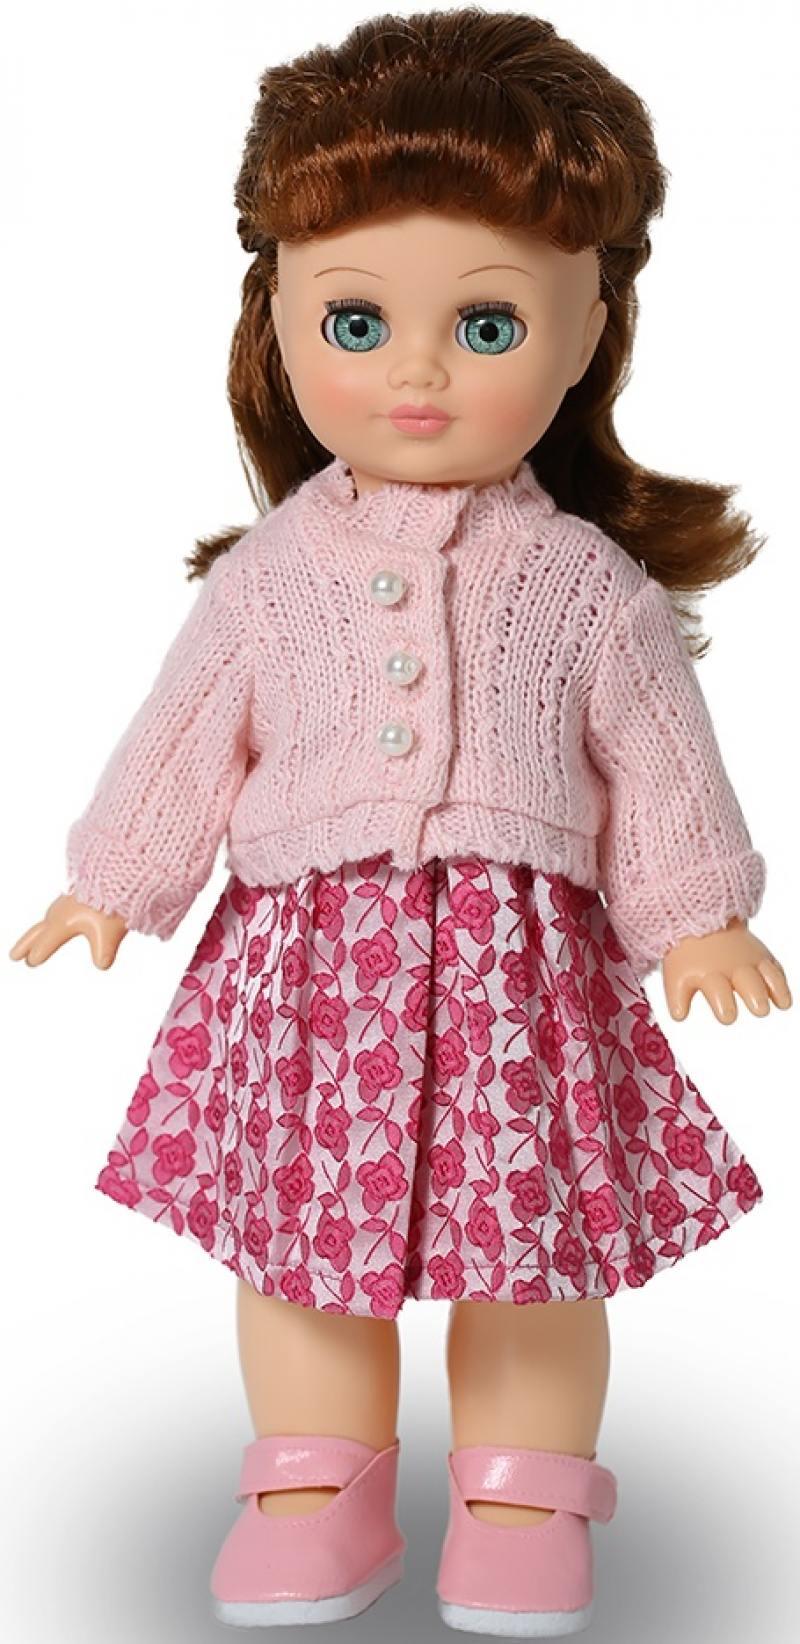 Кукла ВЕСНА Элла 1 (озвученная) весна кукла озвученная герда 15